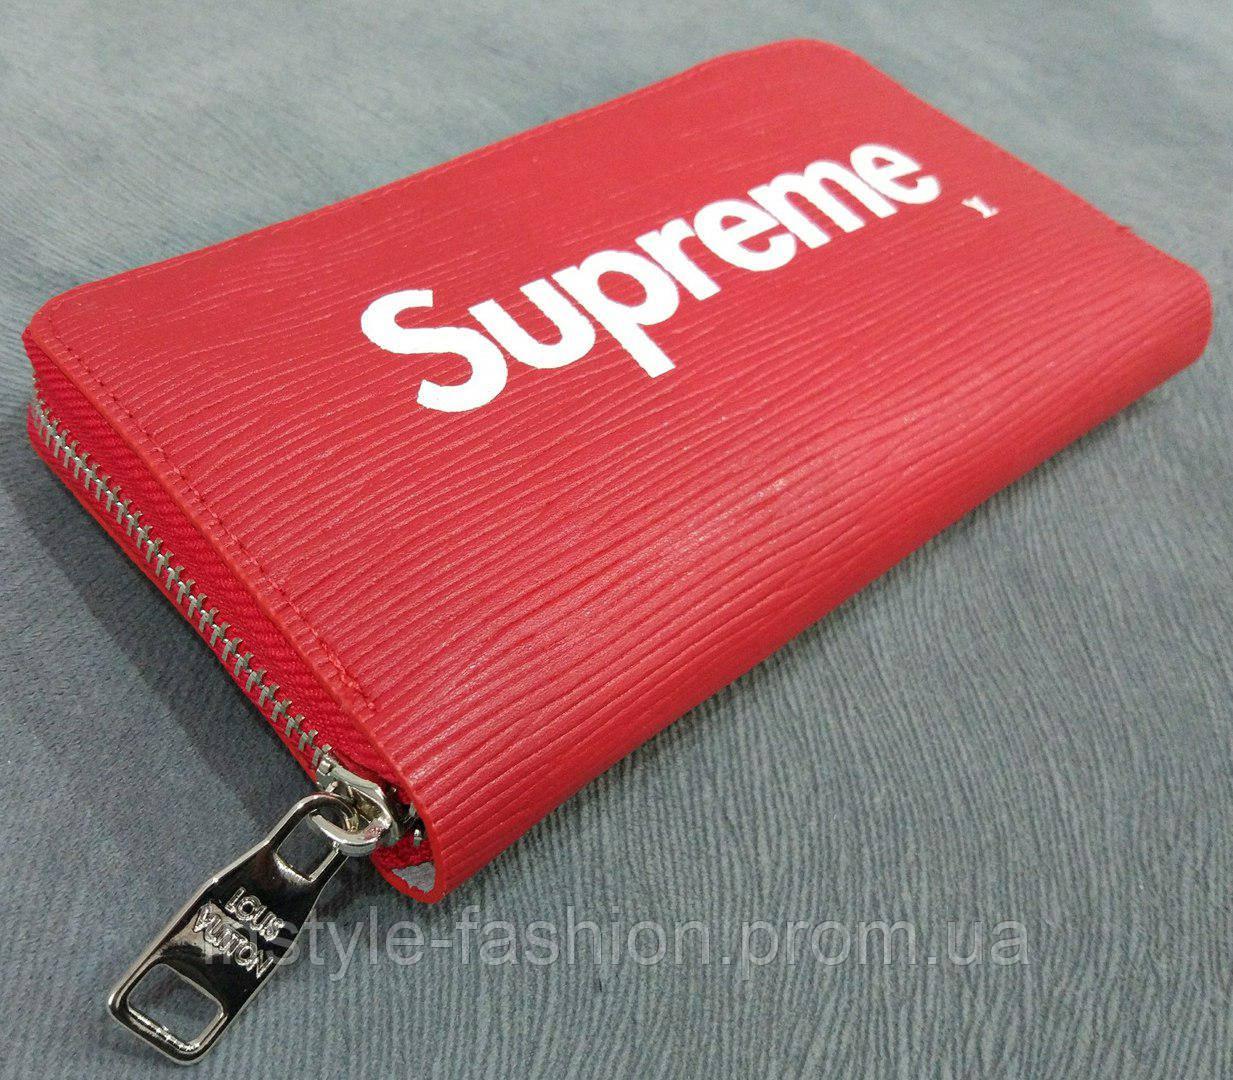 Кошелек женский Louis Vuitton Supreme эко-кожа красный - Сумки брендовые,  кошельки, очки bd39cbc5e7b